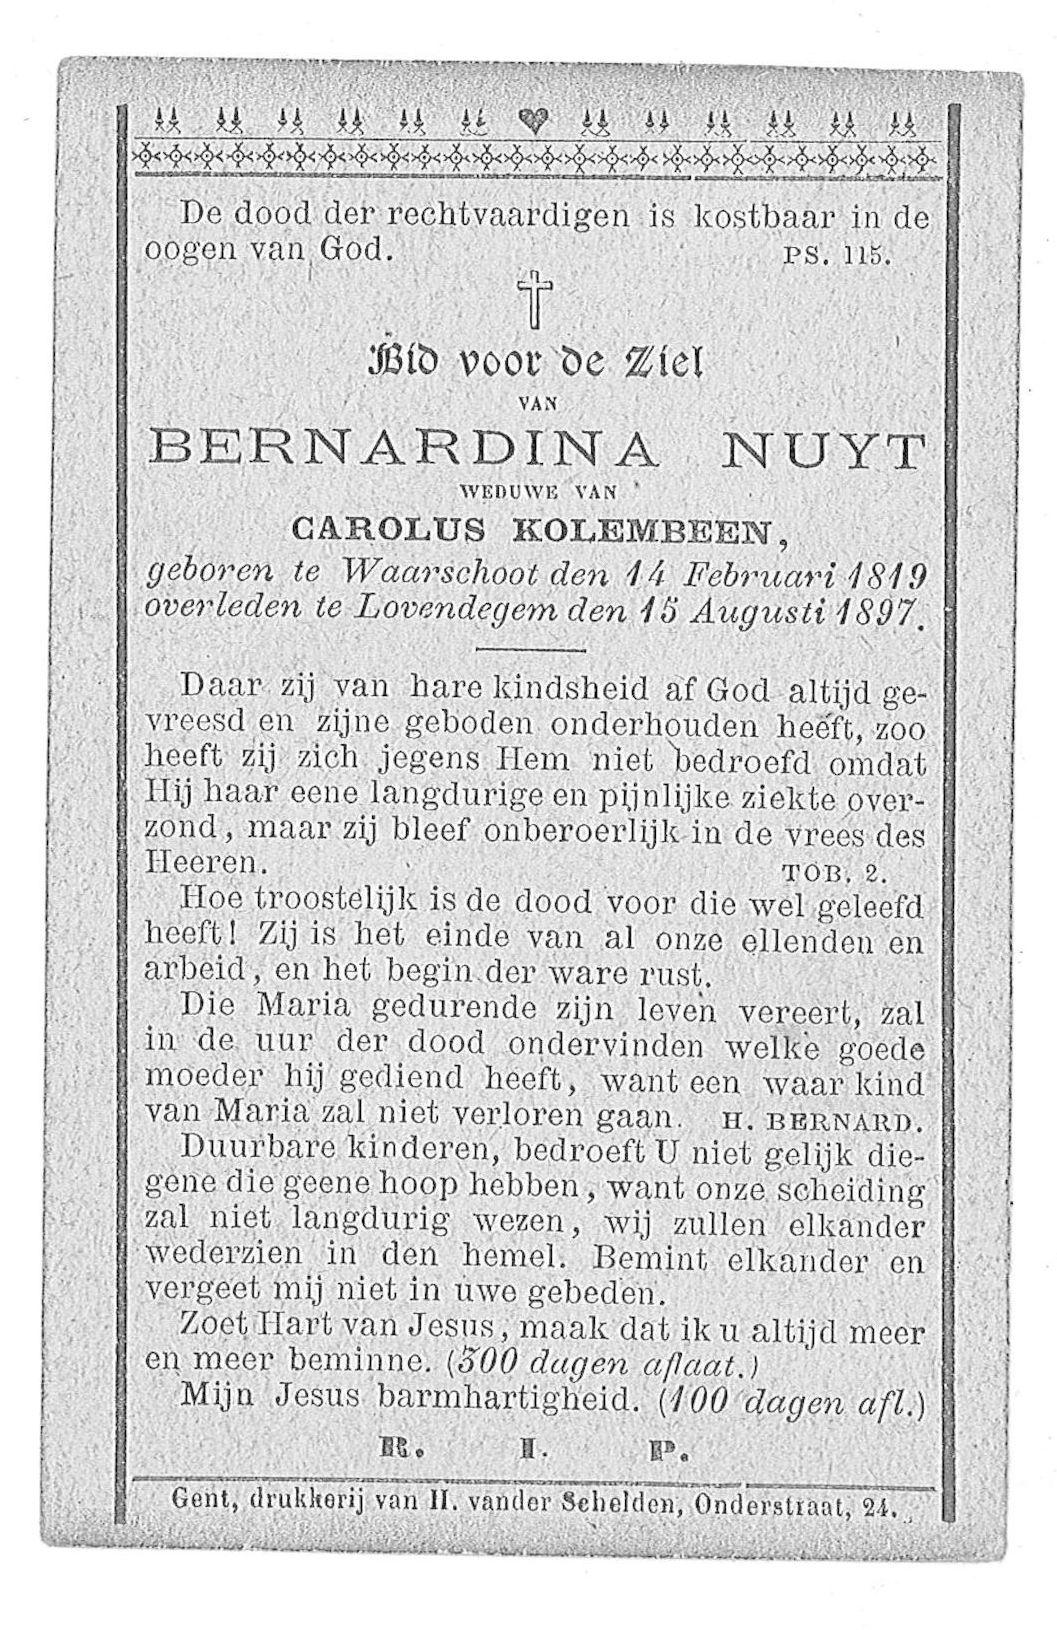 Bernardina Nuyt